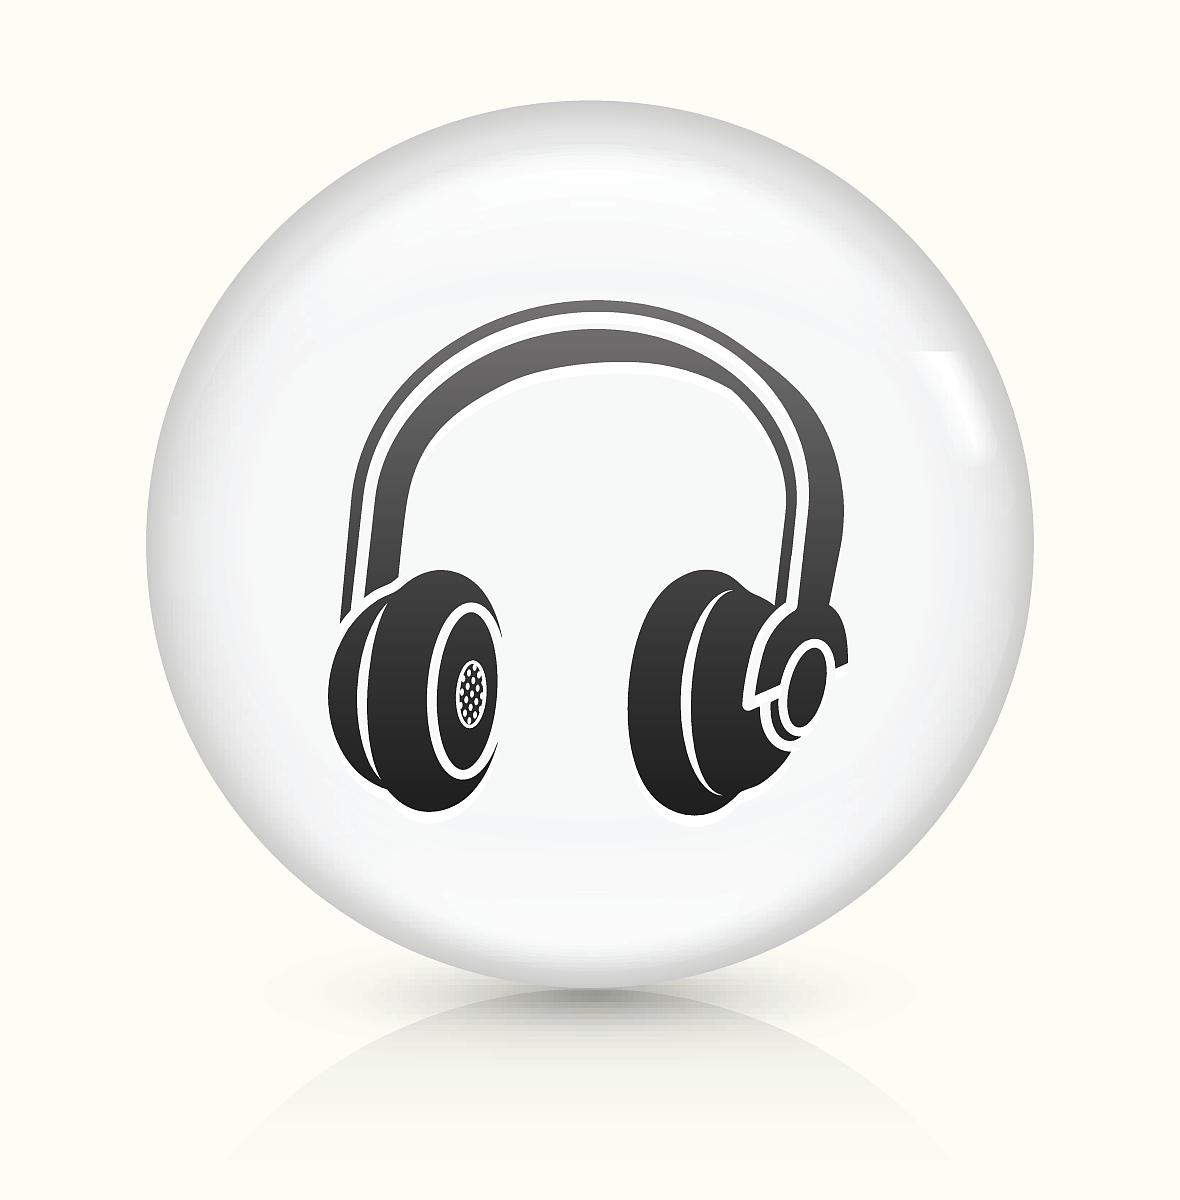 听���!�`iyn��+��n���'���_耳机图标白色圆形矢量按钮